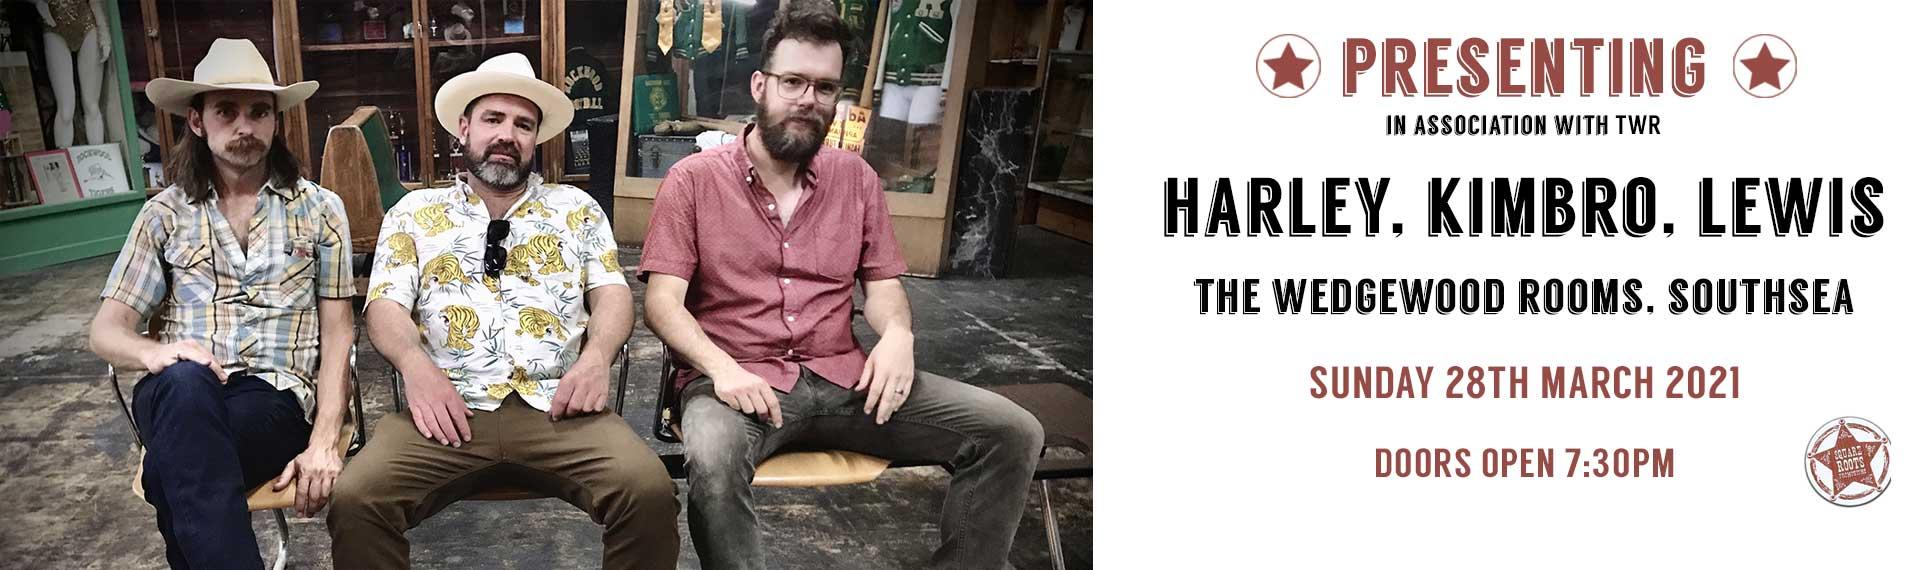 HARLYKIMBOLEWIS–banner